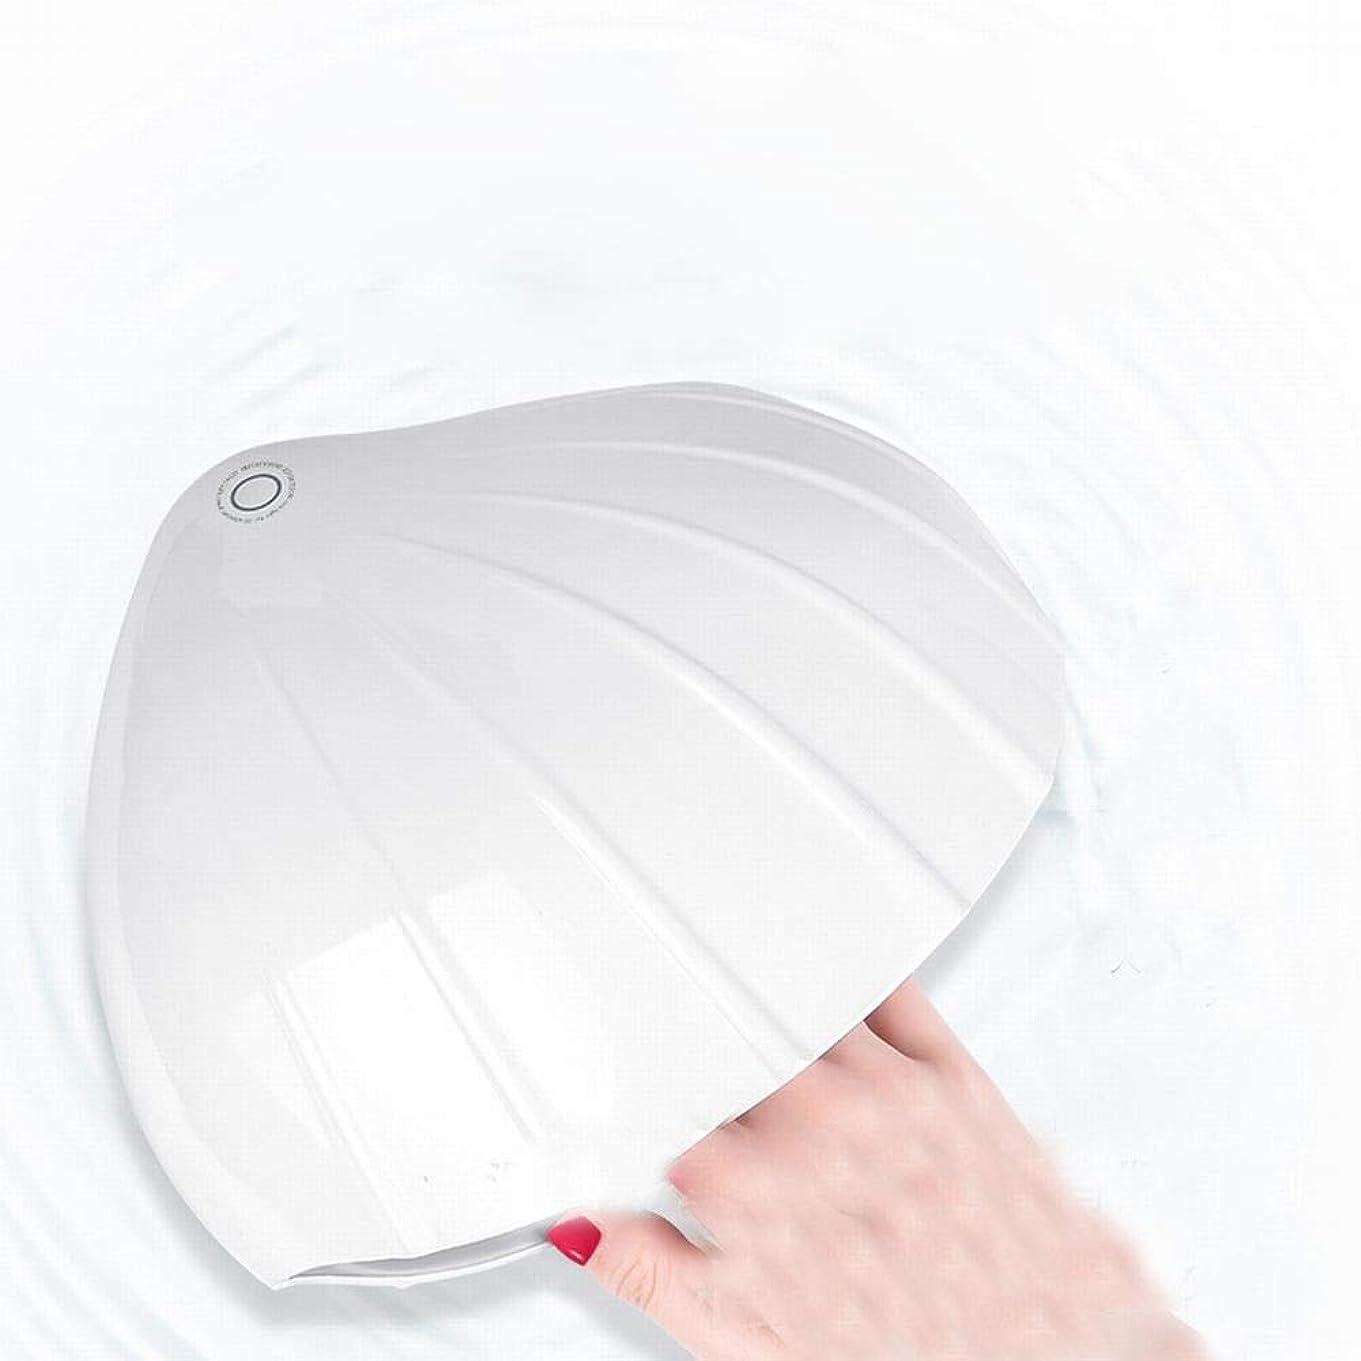 先モートなしでYESONEEP ネイル光線療法機ネイルポリッシュ光線療法ランプ家庭用ドライヤー速乾性ネイルランプスマートネイルランプ (Size : White)